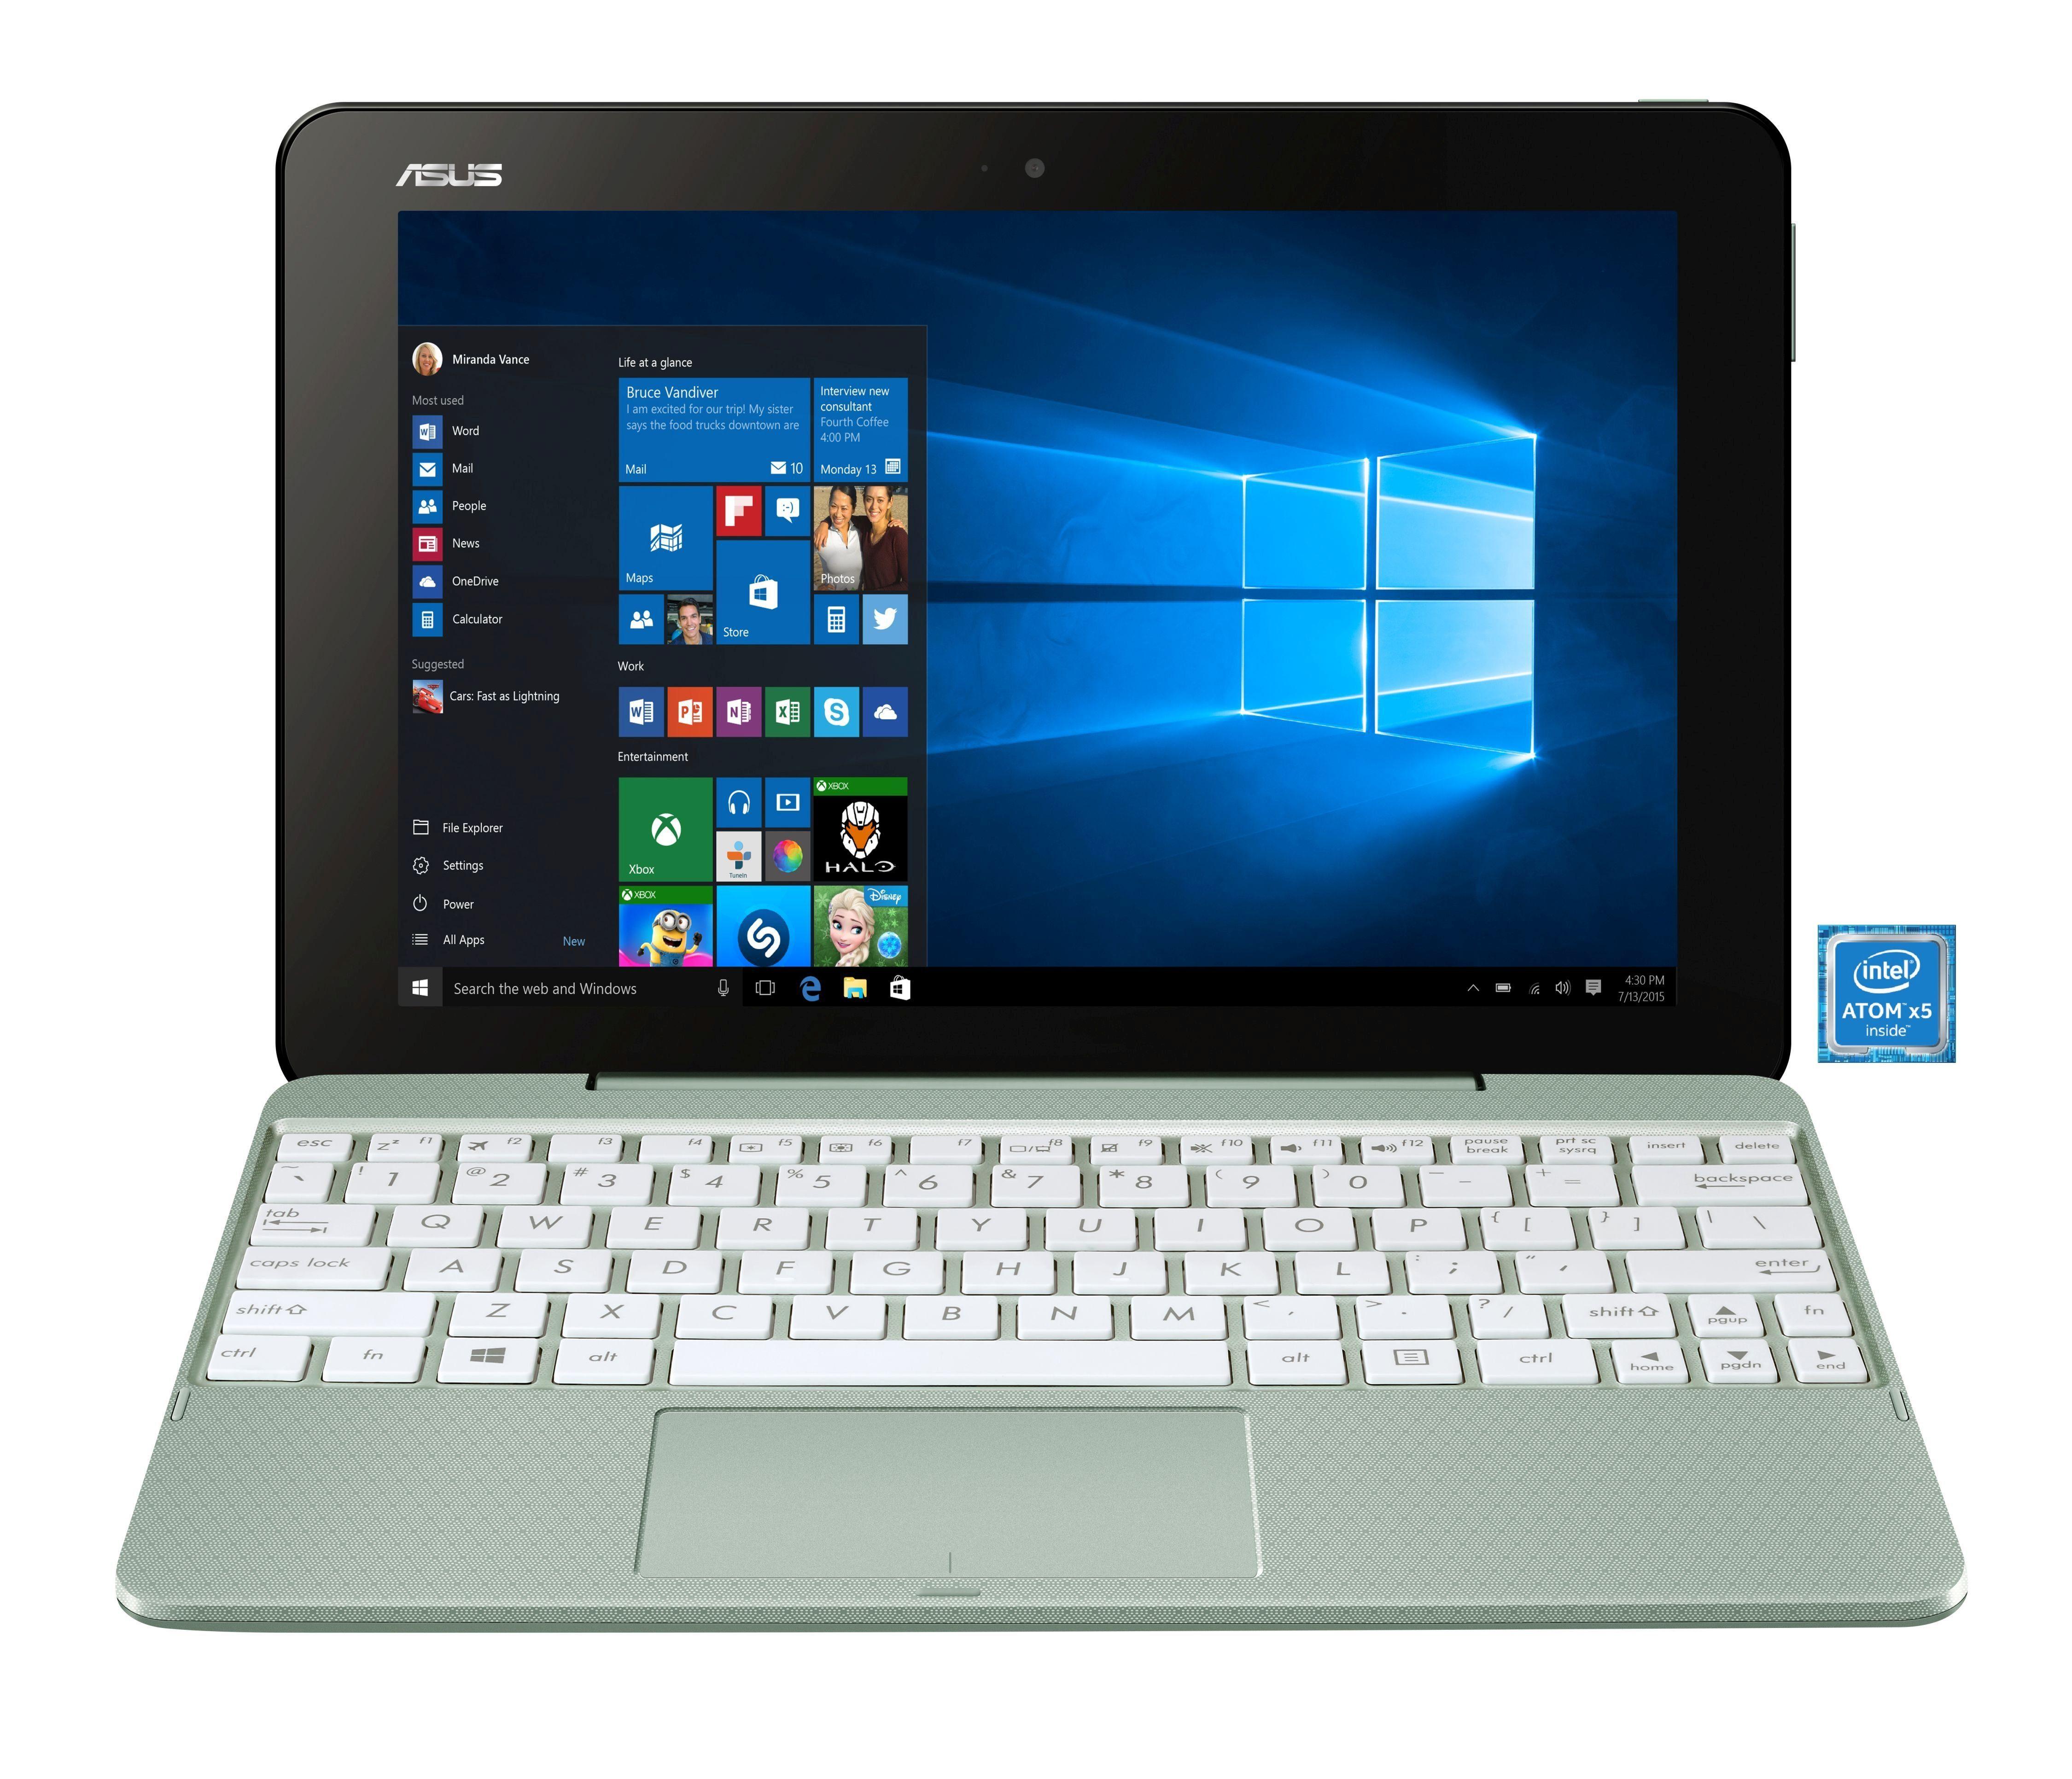 """ASUS T101HA-GR003T Notebook »Intel Atom x5-Z8350, 25,7cm (10,1""""), 32 GB, 2 GB«"""